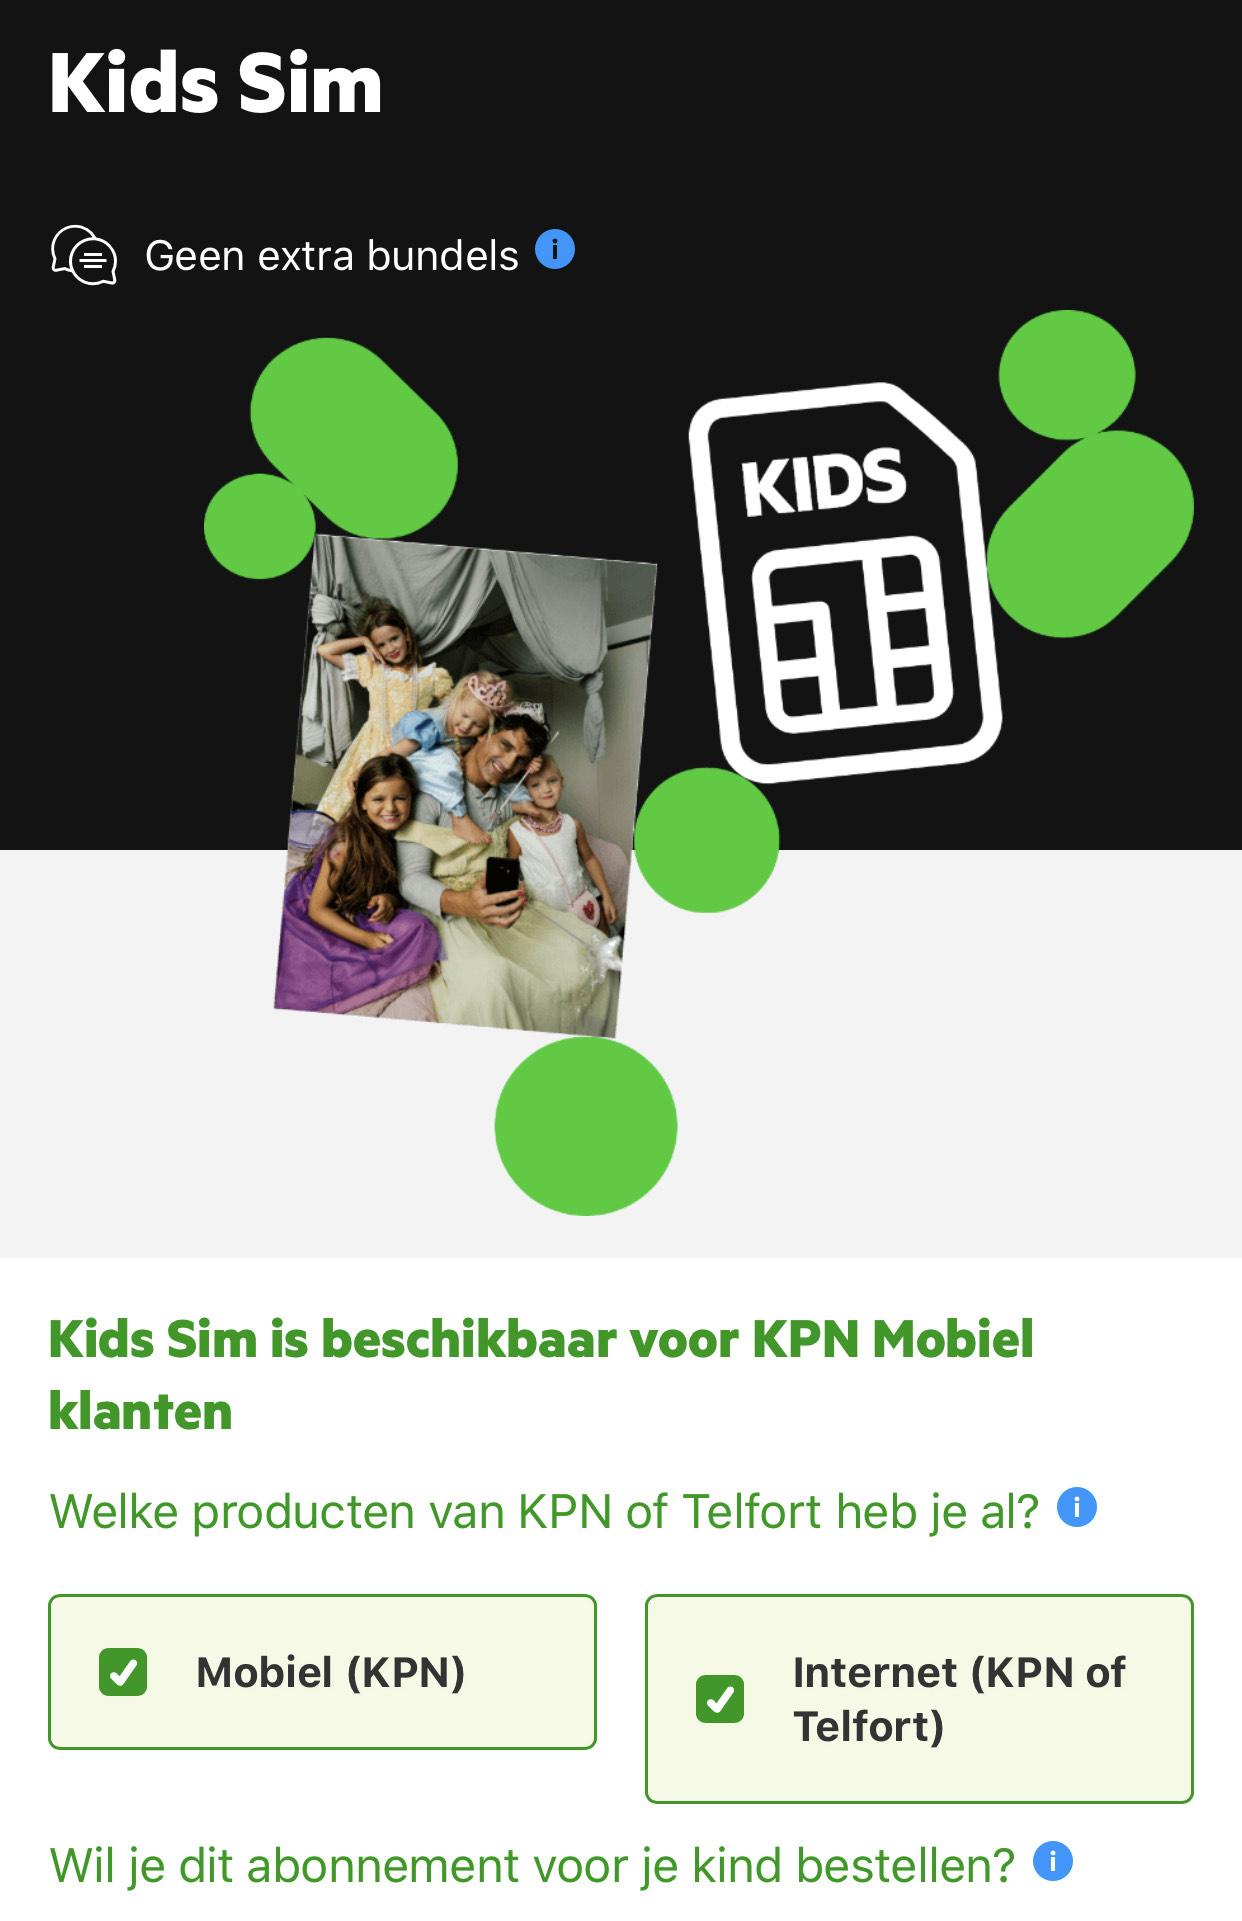 Kids Sim voor KPN (mobiel) klanten (geen aanbieding, wel interessant)